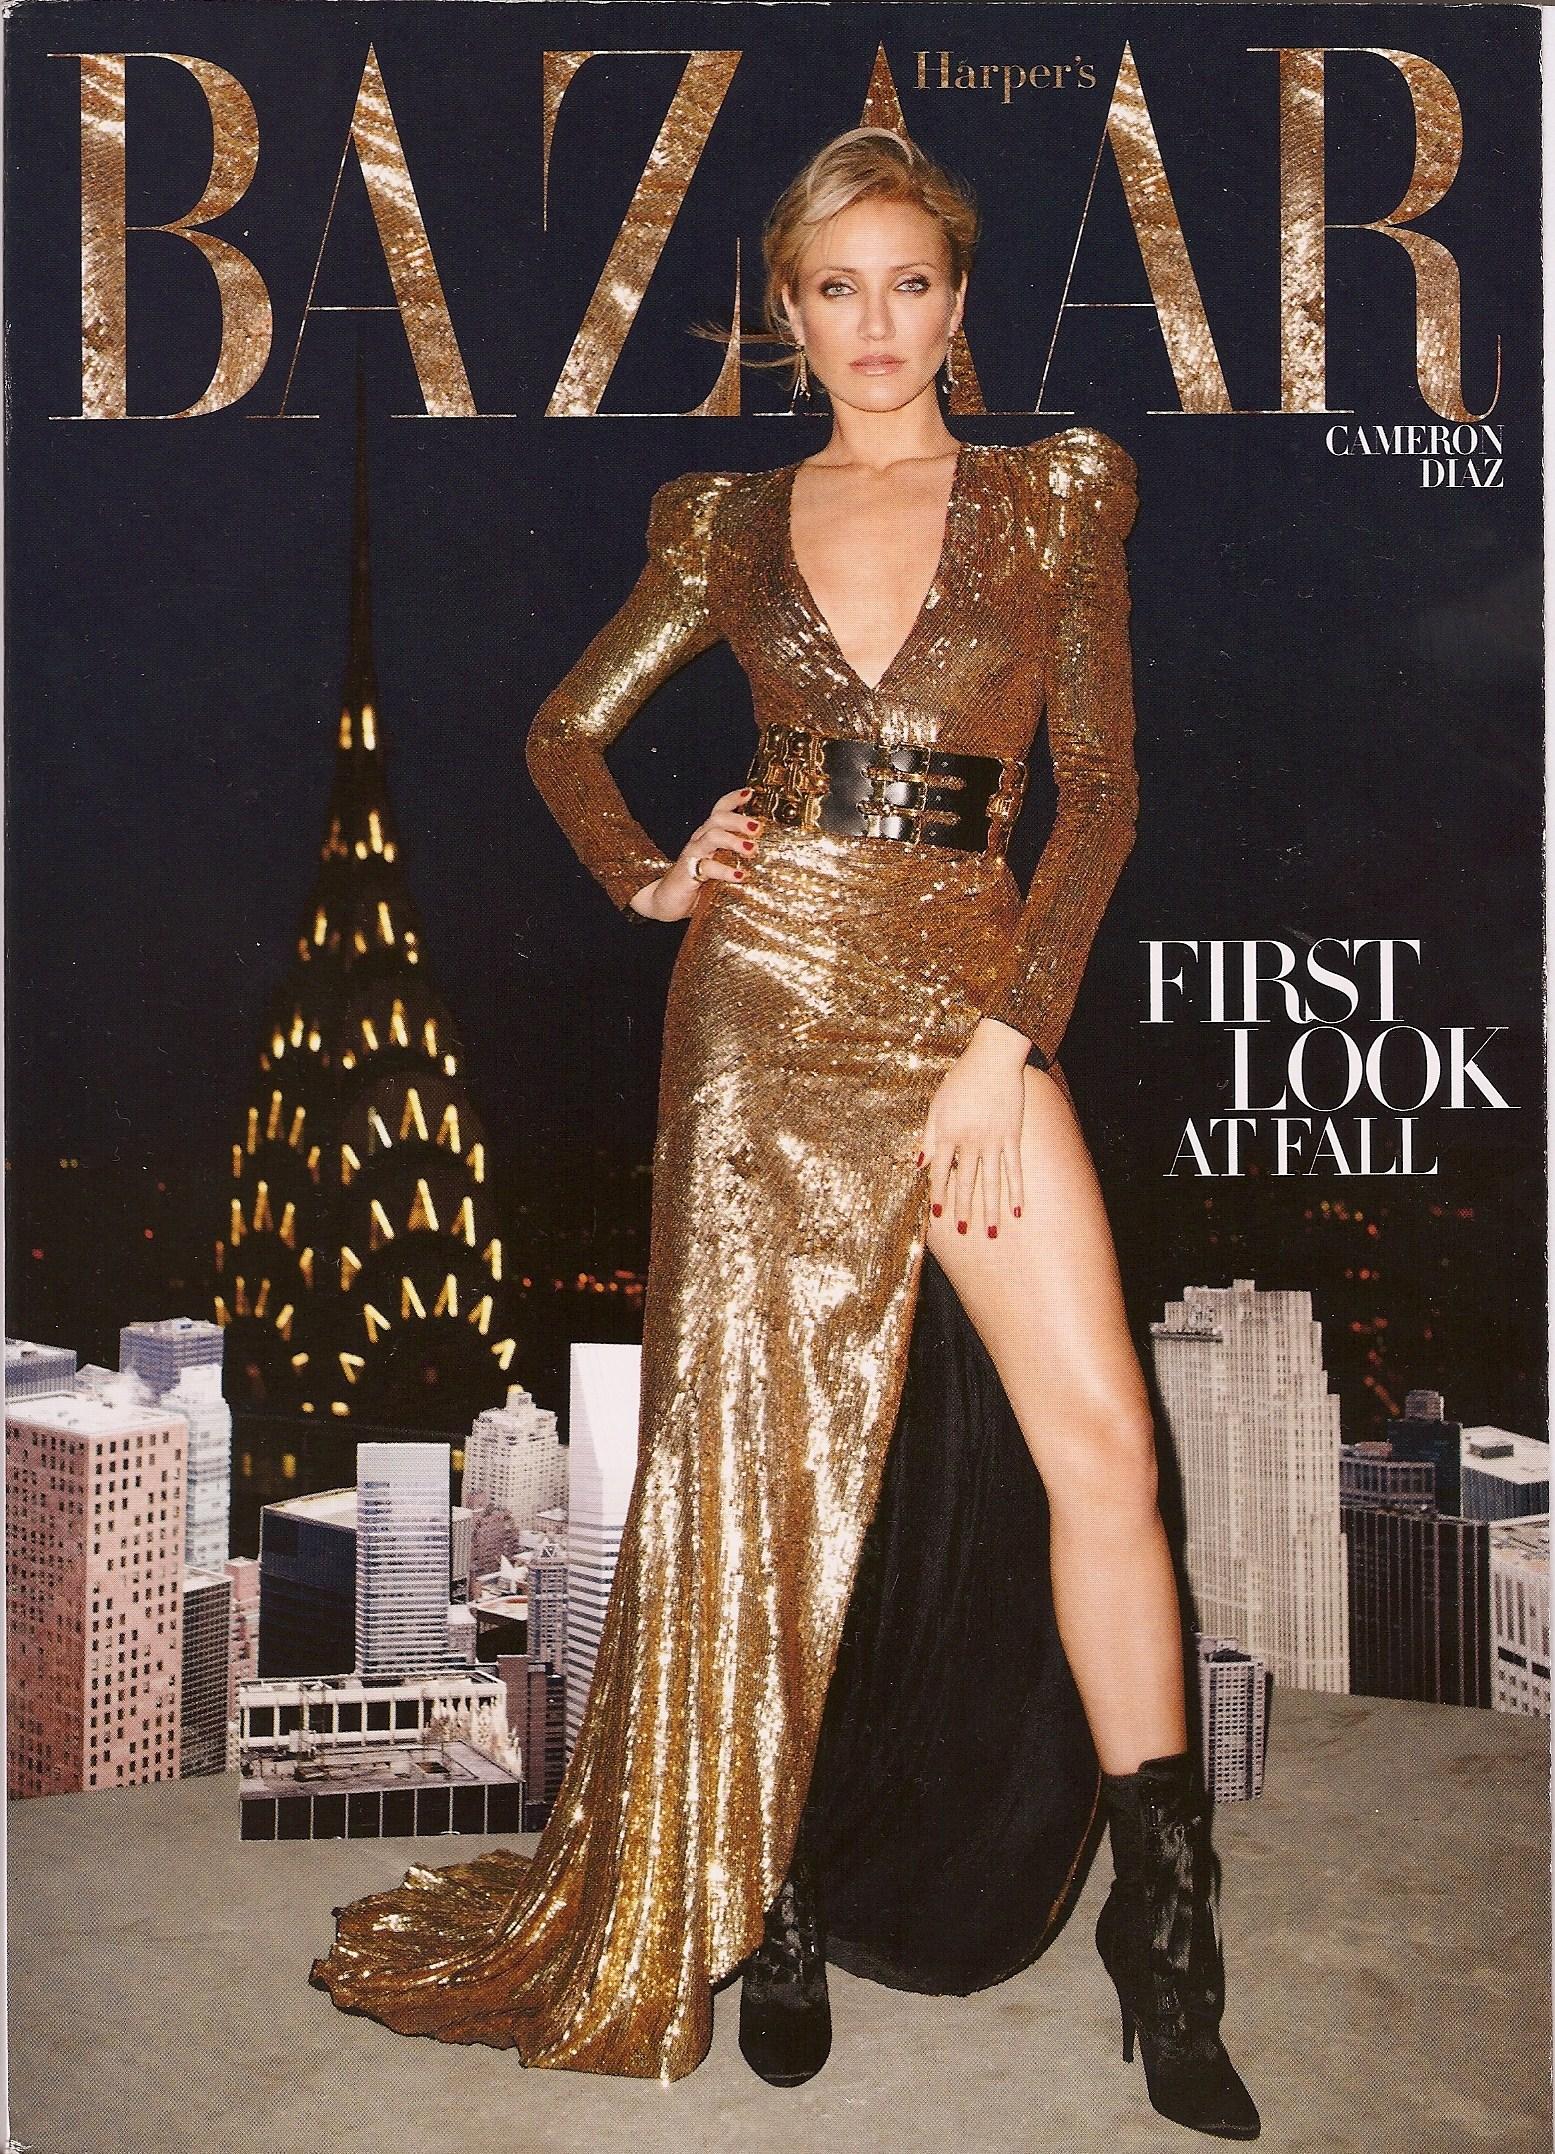 Harper's Bazaar, August 2010